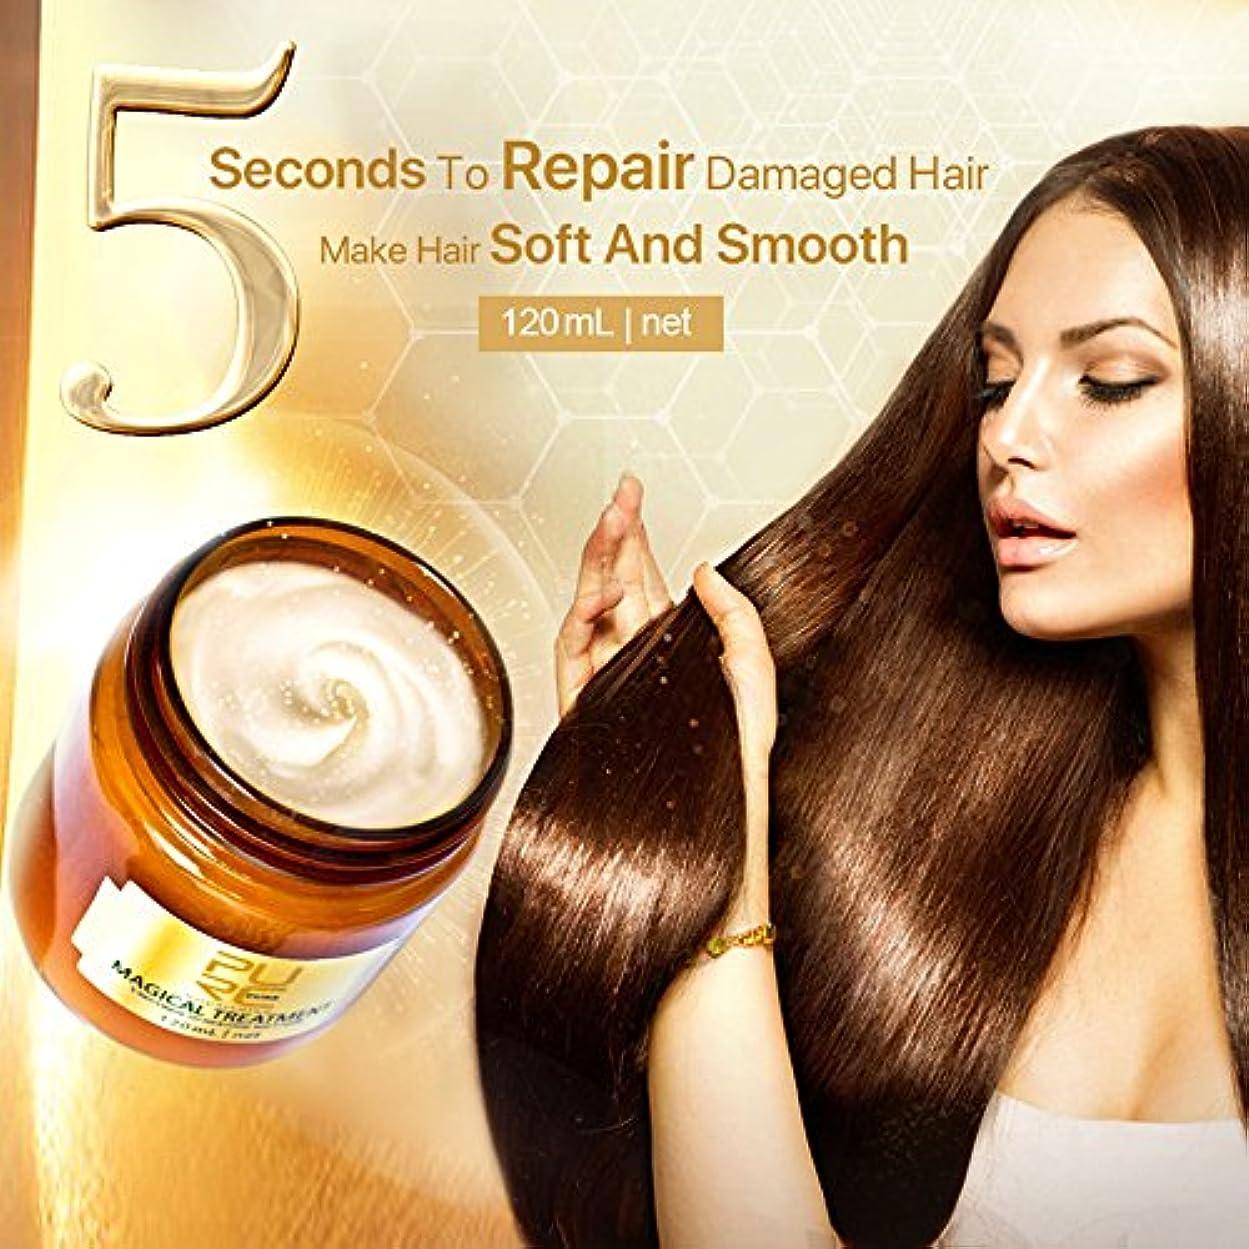 聖職者新年膨らませるディープリペア軟膏ヘアマスク 高度な分子 毛根治療の回復 魔法のヘアマスクは コンディショナー ヘアケアコンディショ すべての髪のタイプのケラチンヘアの柔らかい髪を復元します (120ML)